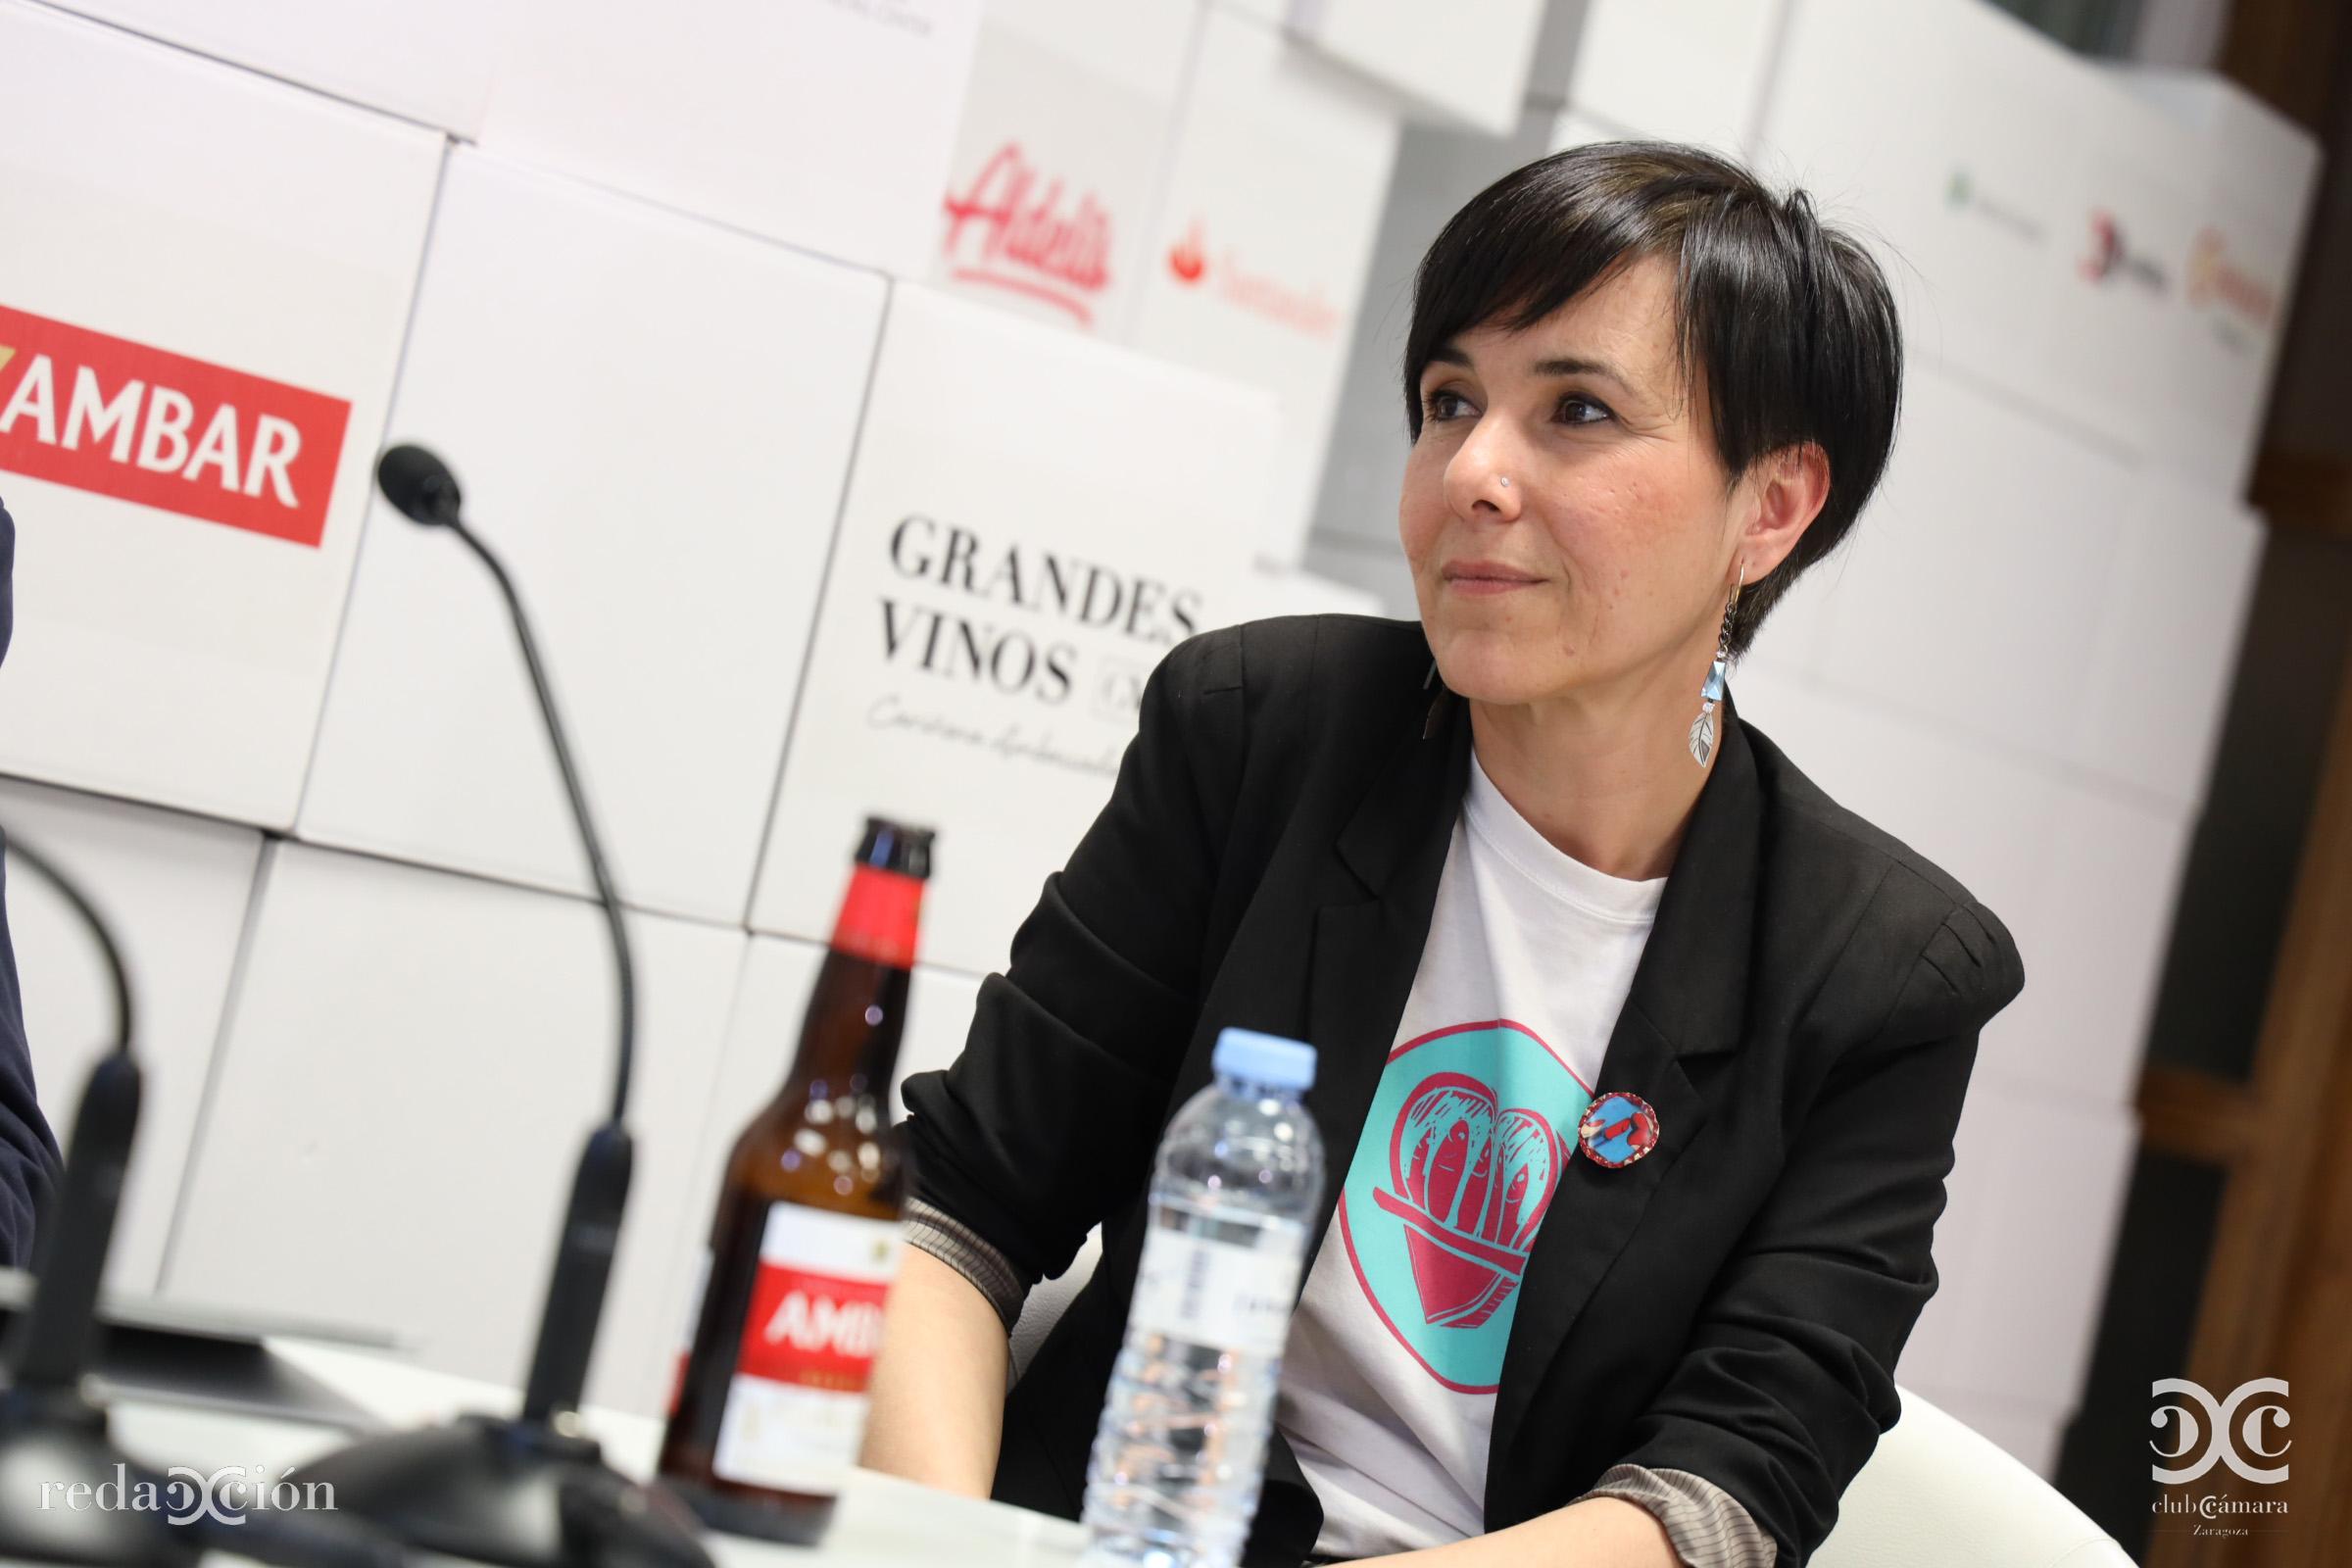 Eva Celimendiz Rodellar, Latastienda